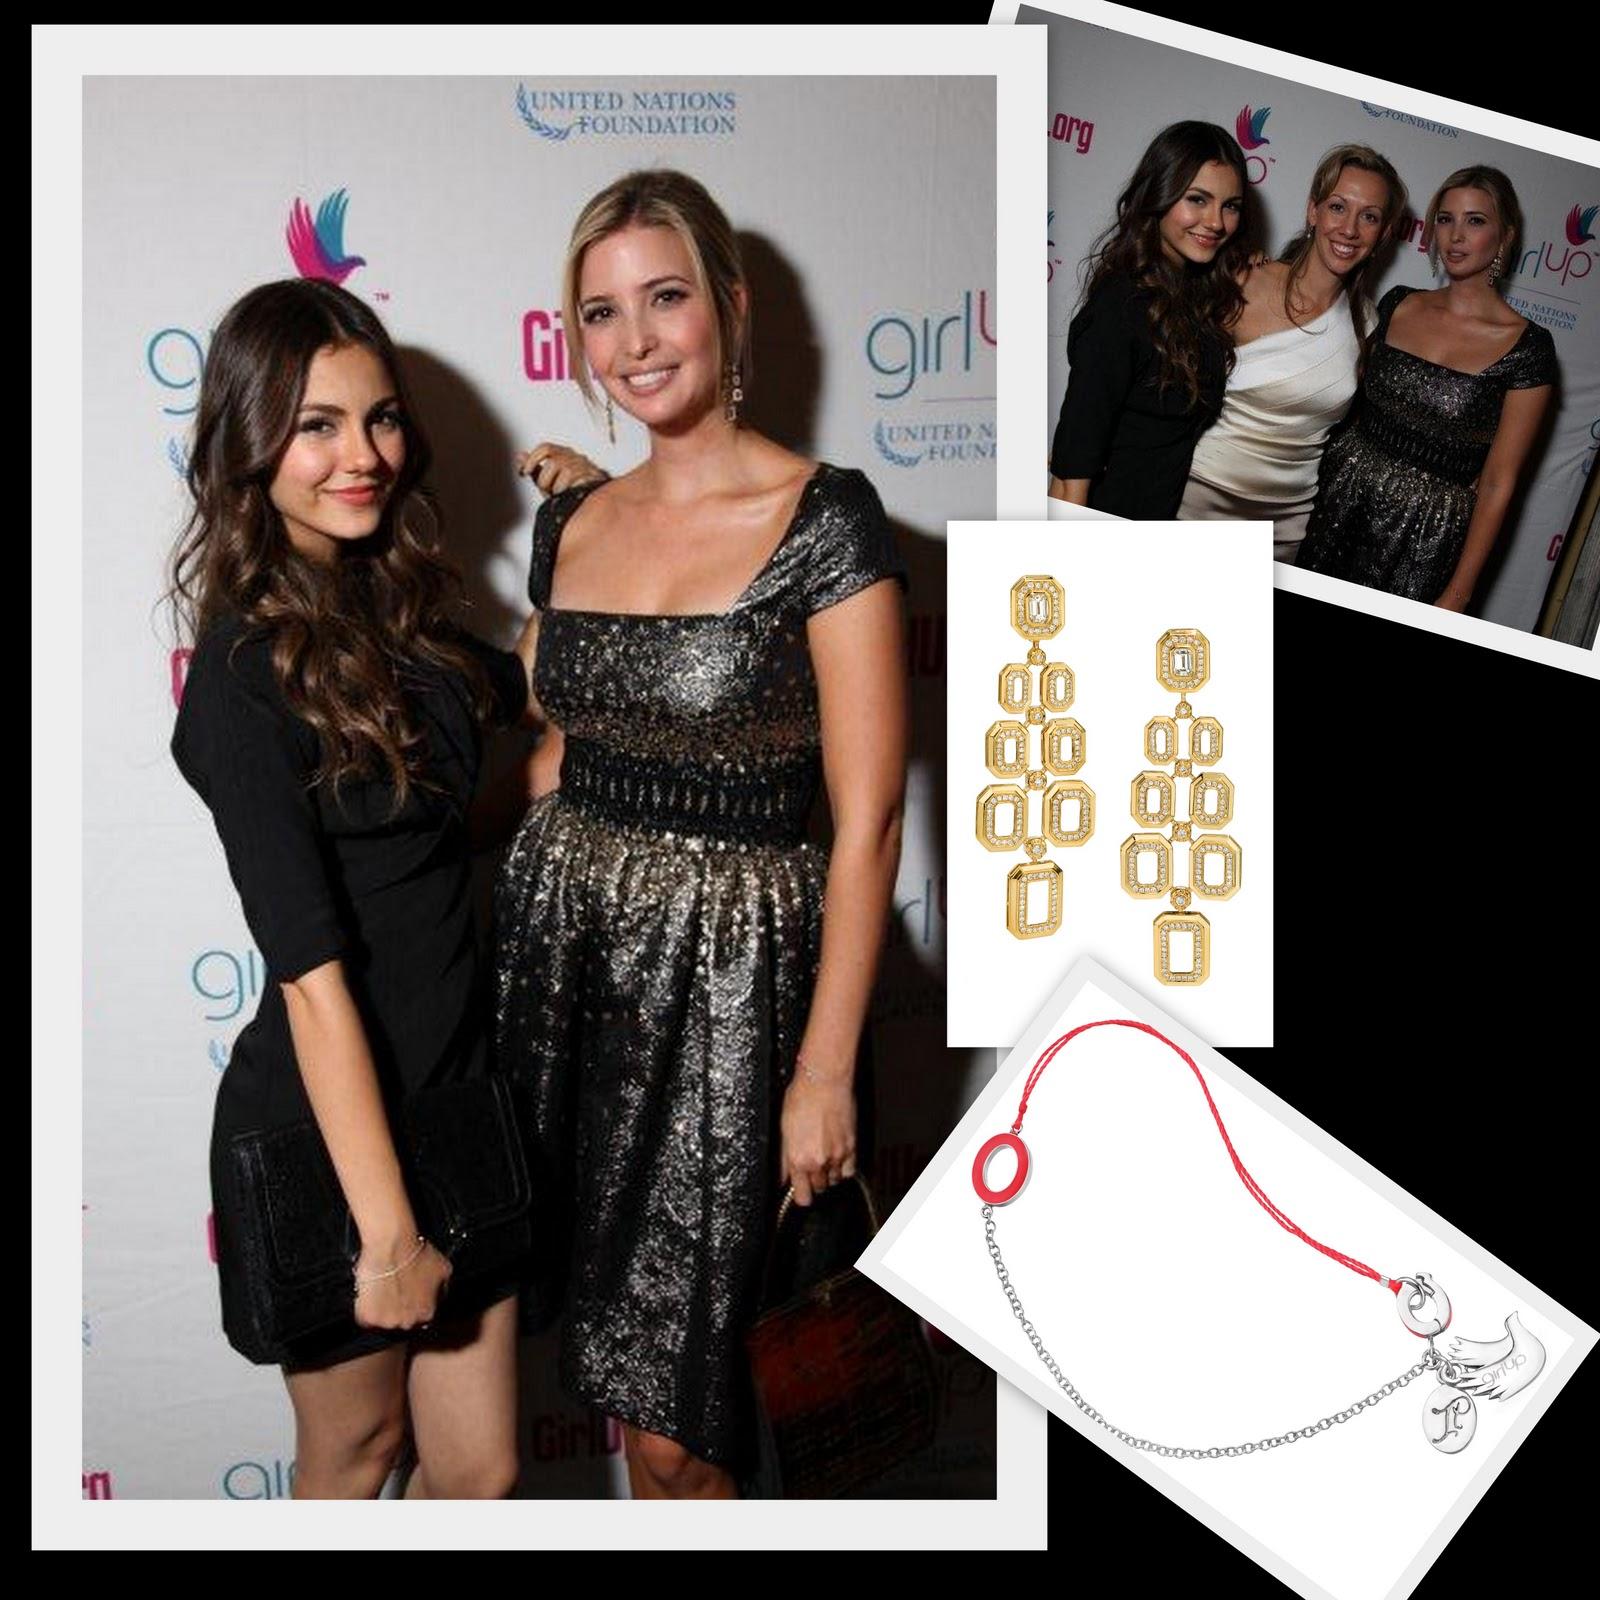 http://3.bp.blogspot.com/_p05ajdsJPw0/TJzGuZHnULI/AAAAAAAABbI/qL0fJYFqLUI/s1600/UNF+Girl+Up+Champions+_+Blog.jpg